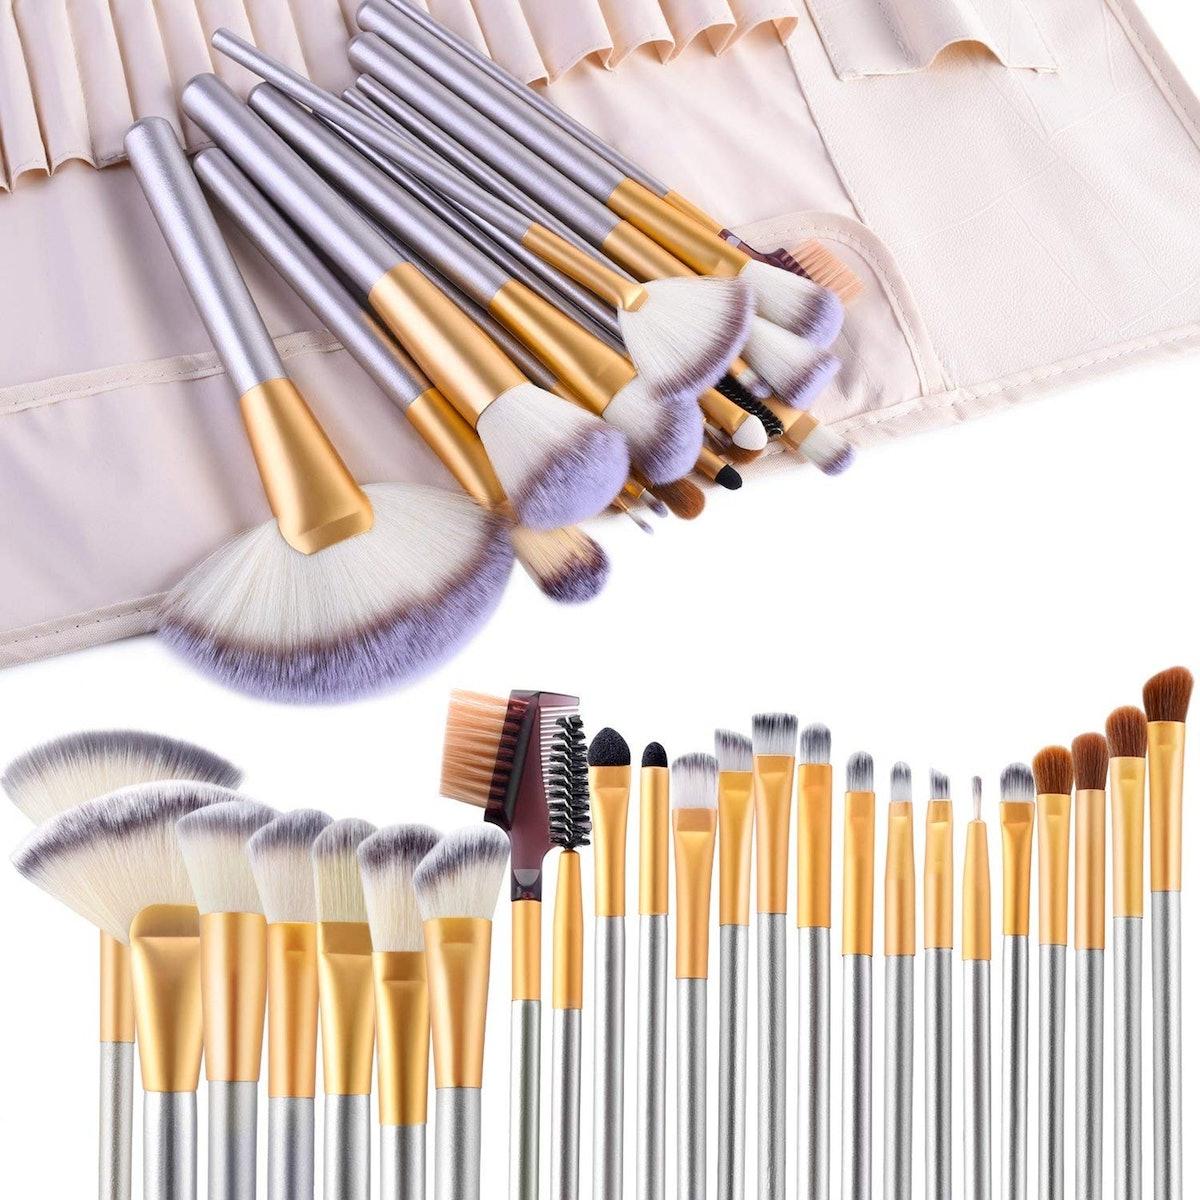 VANDER LIFE Cosmetic Makeup Brushes